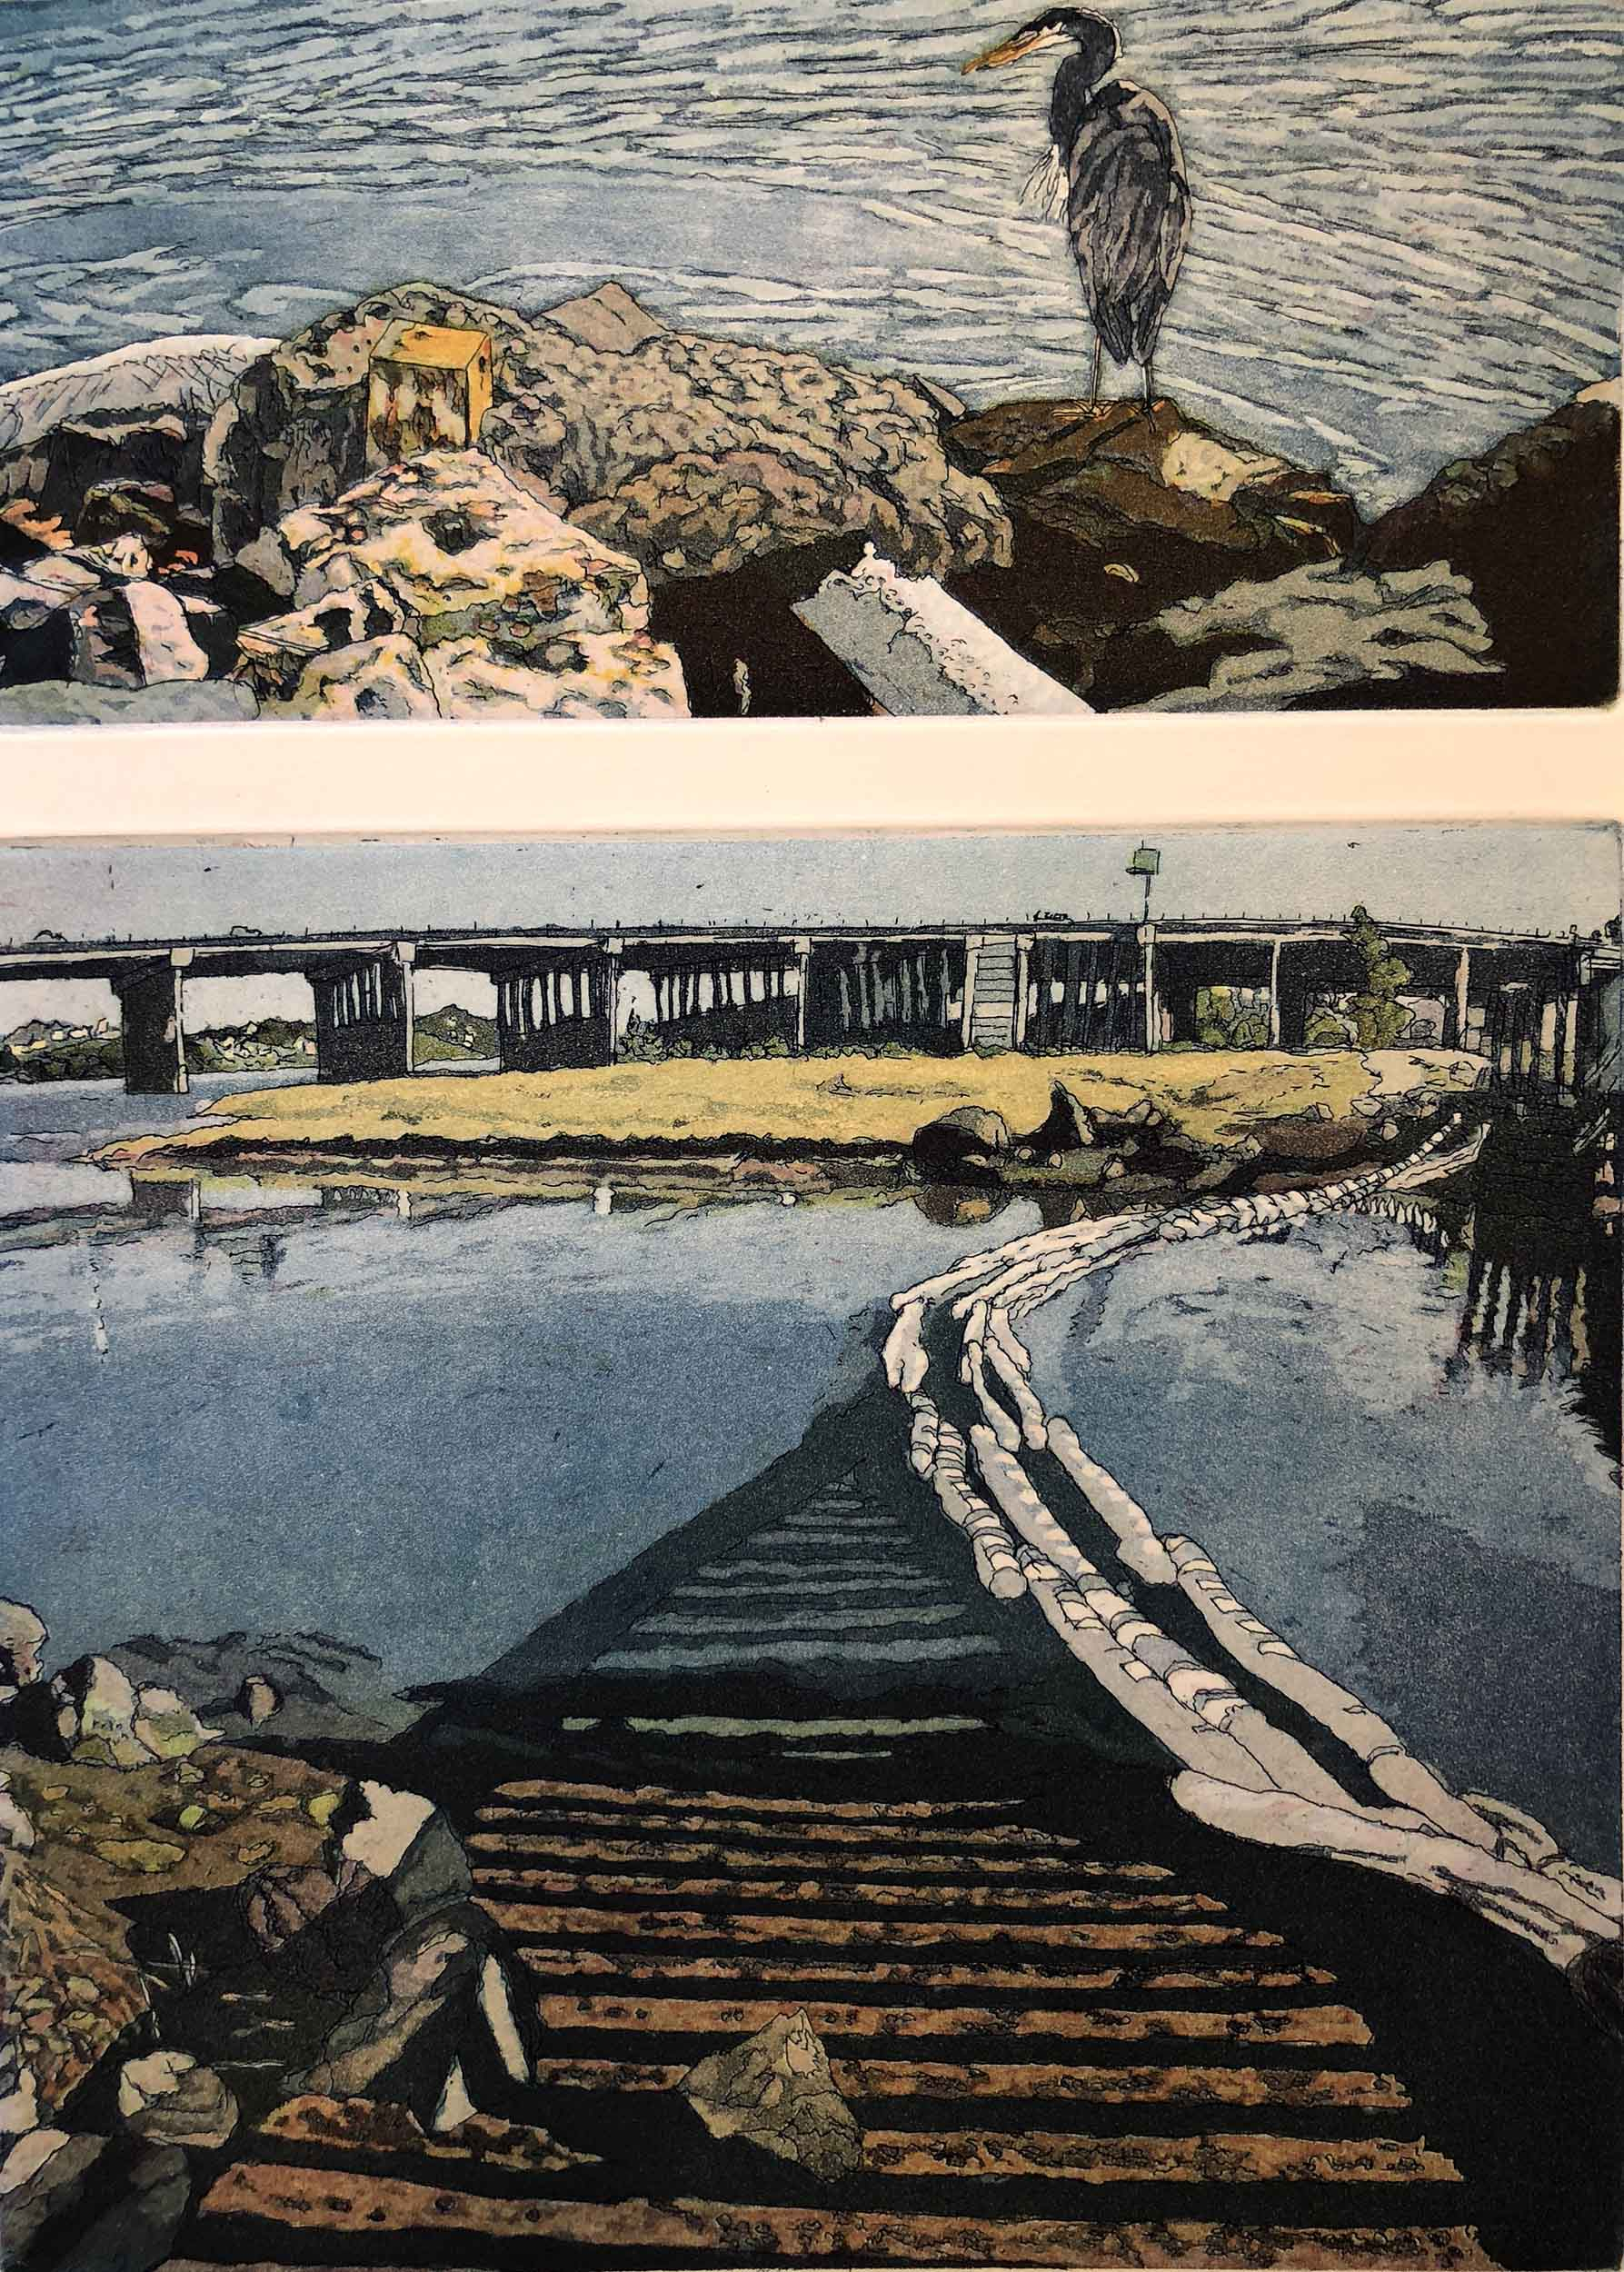 Coast Walk III: Bay Spill/Bird